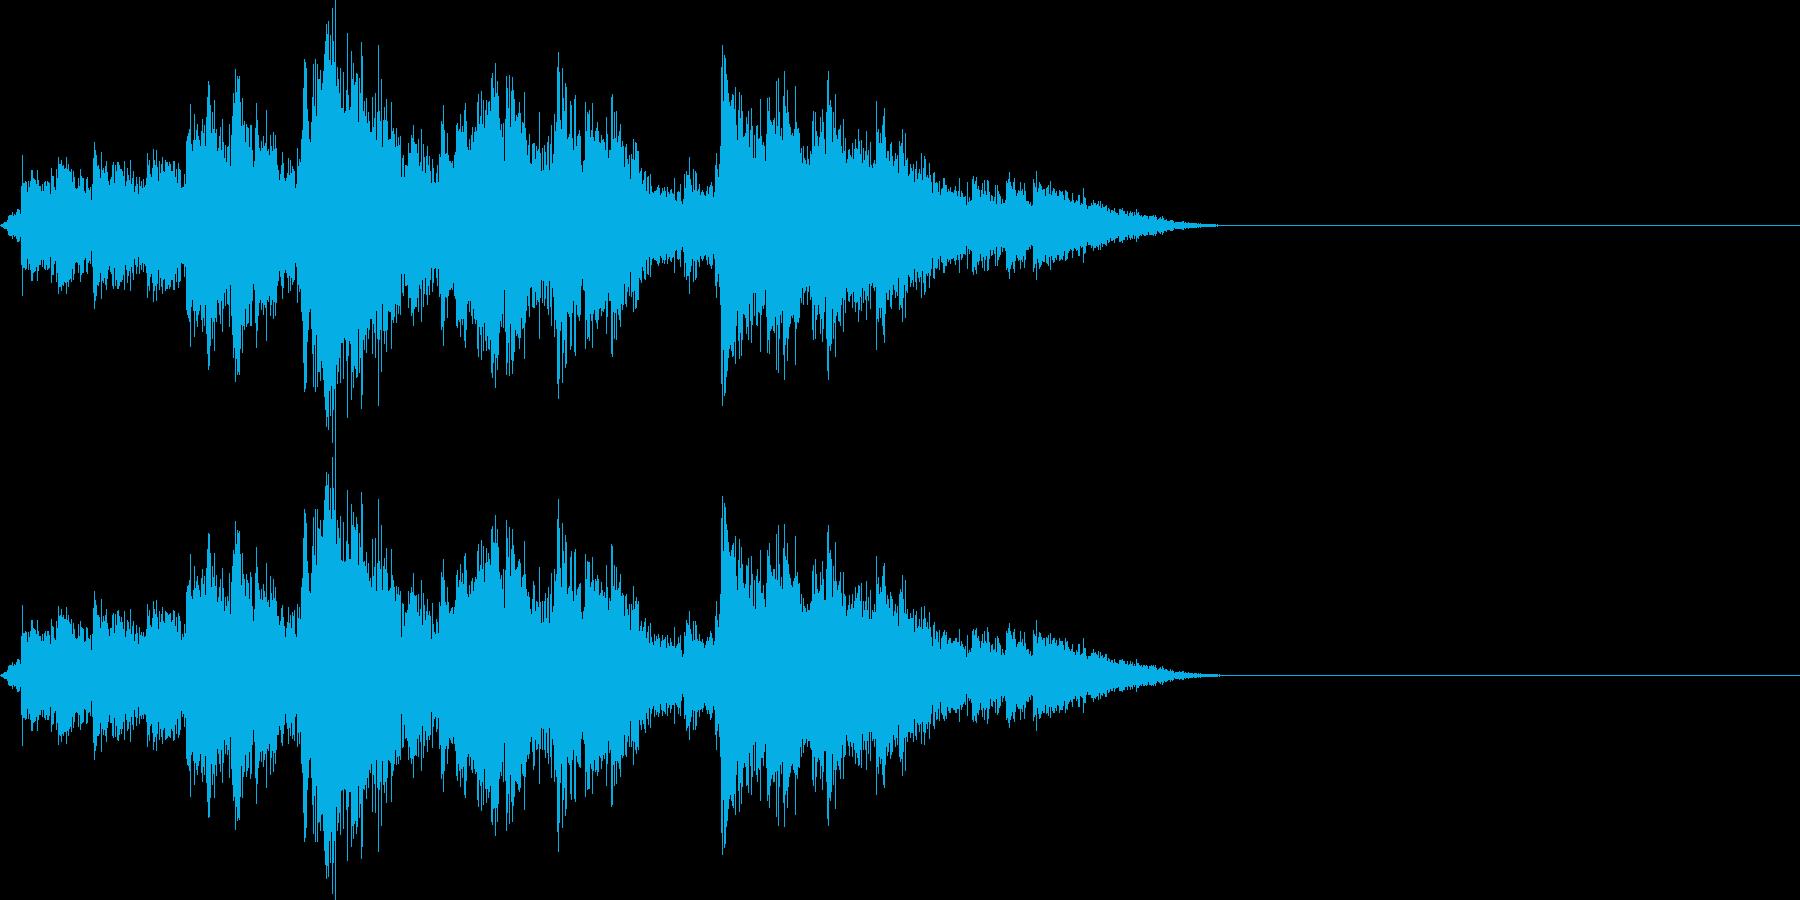 神社の本坪鈴 ガランガランの再生済みの波形